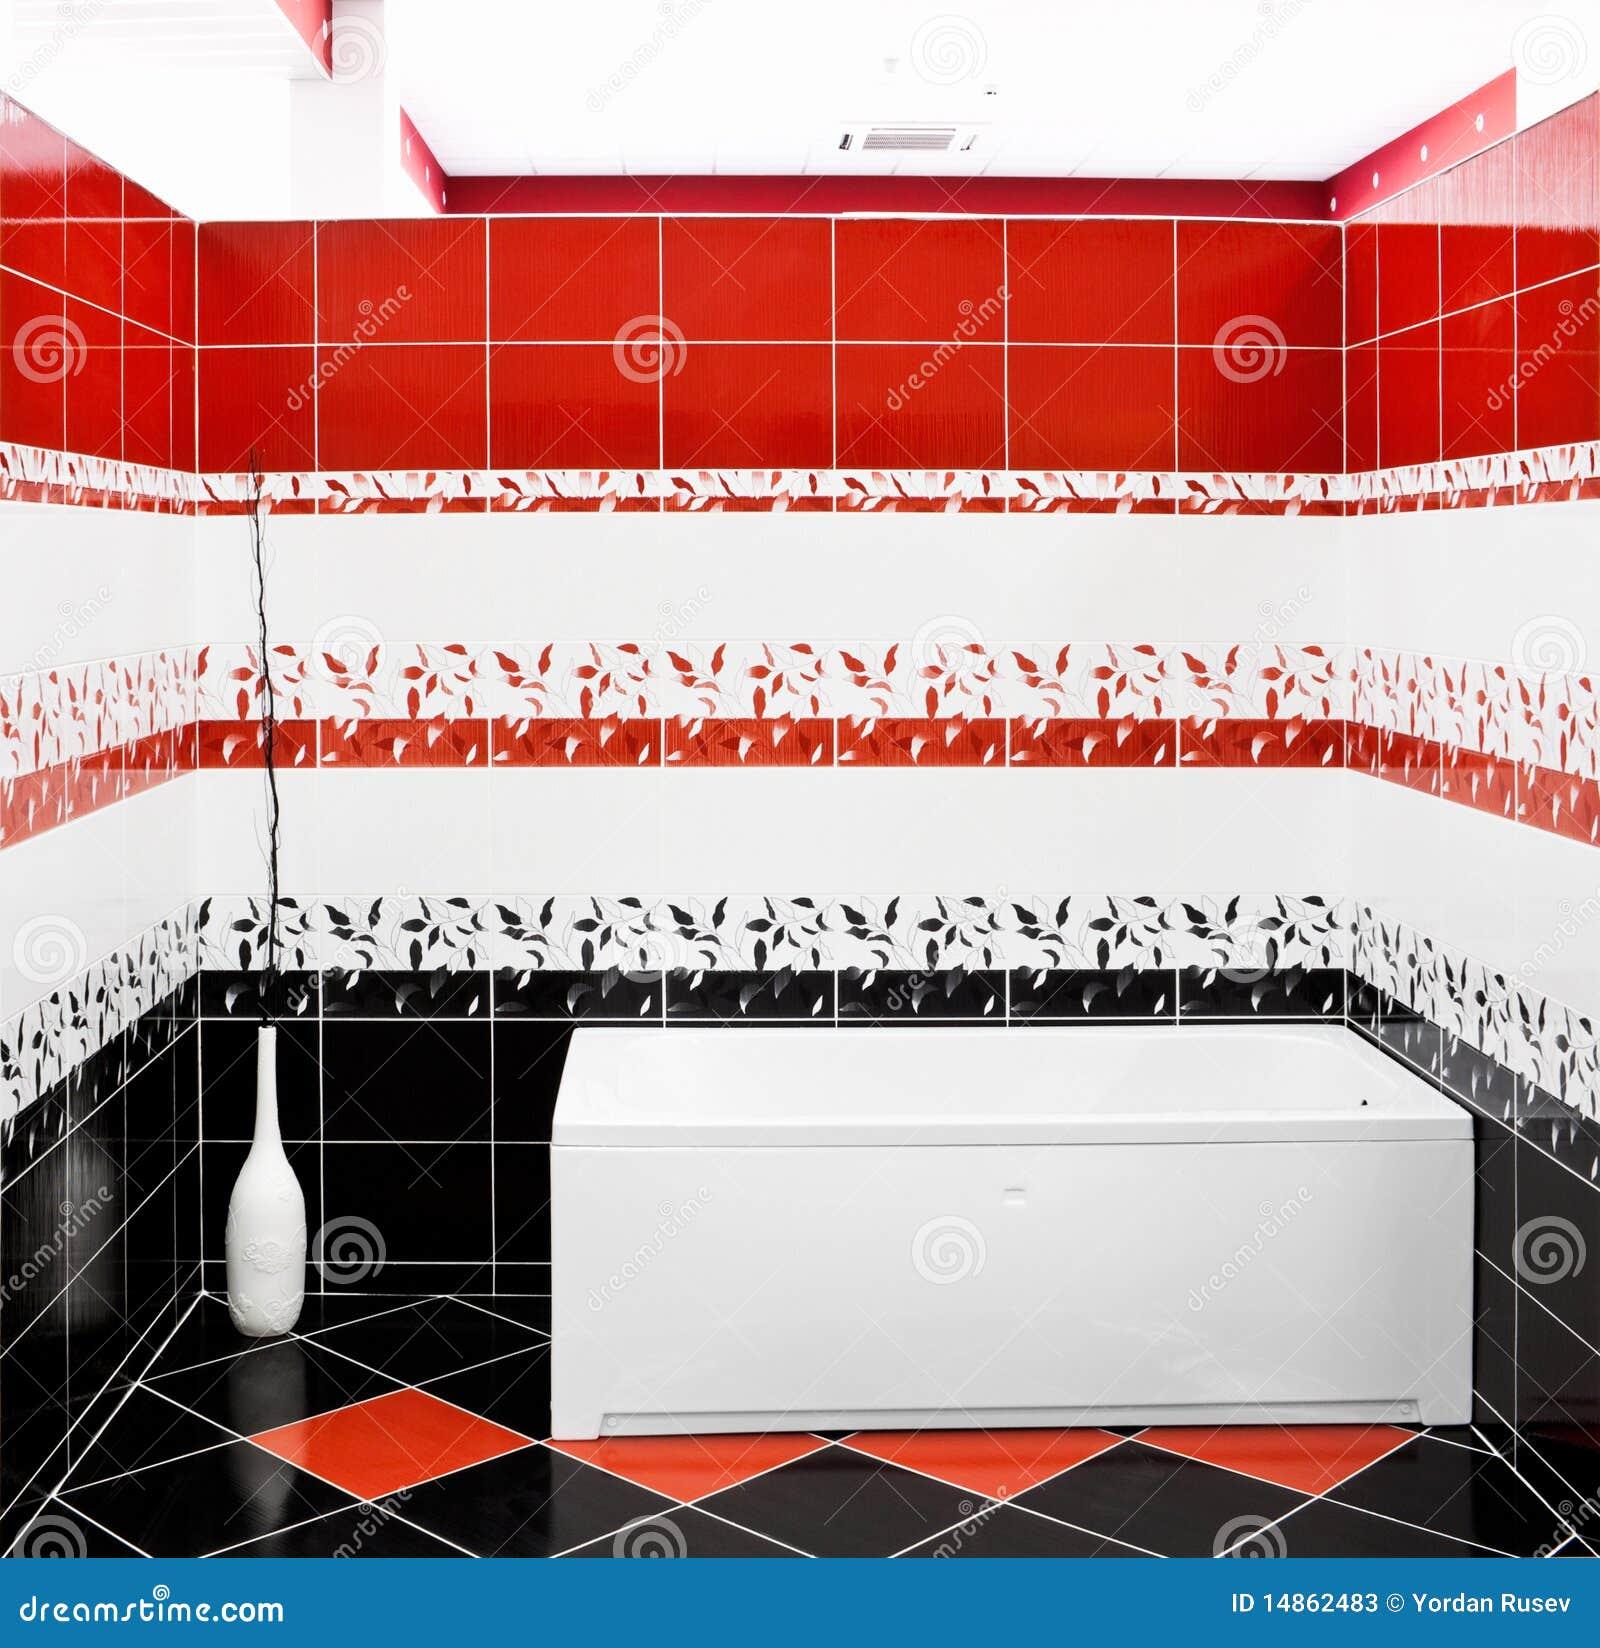 Banheiro Com Banheira Fotos de Stock Imagem: 14862483 #BB1E10 1300x1356 Banheiro Com Banheira Imagem